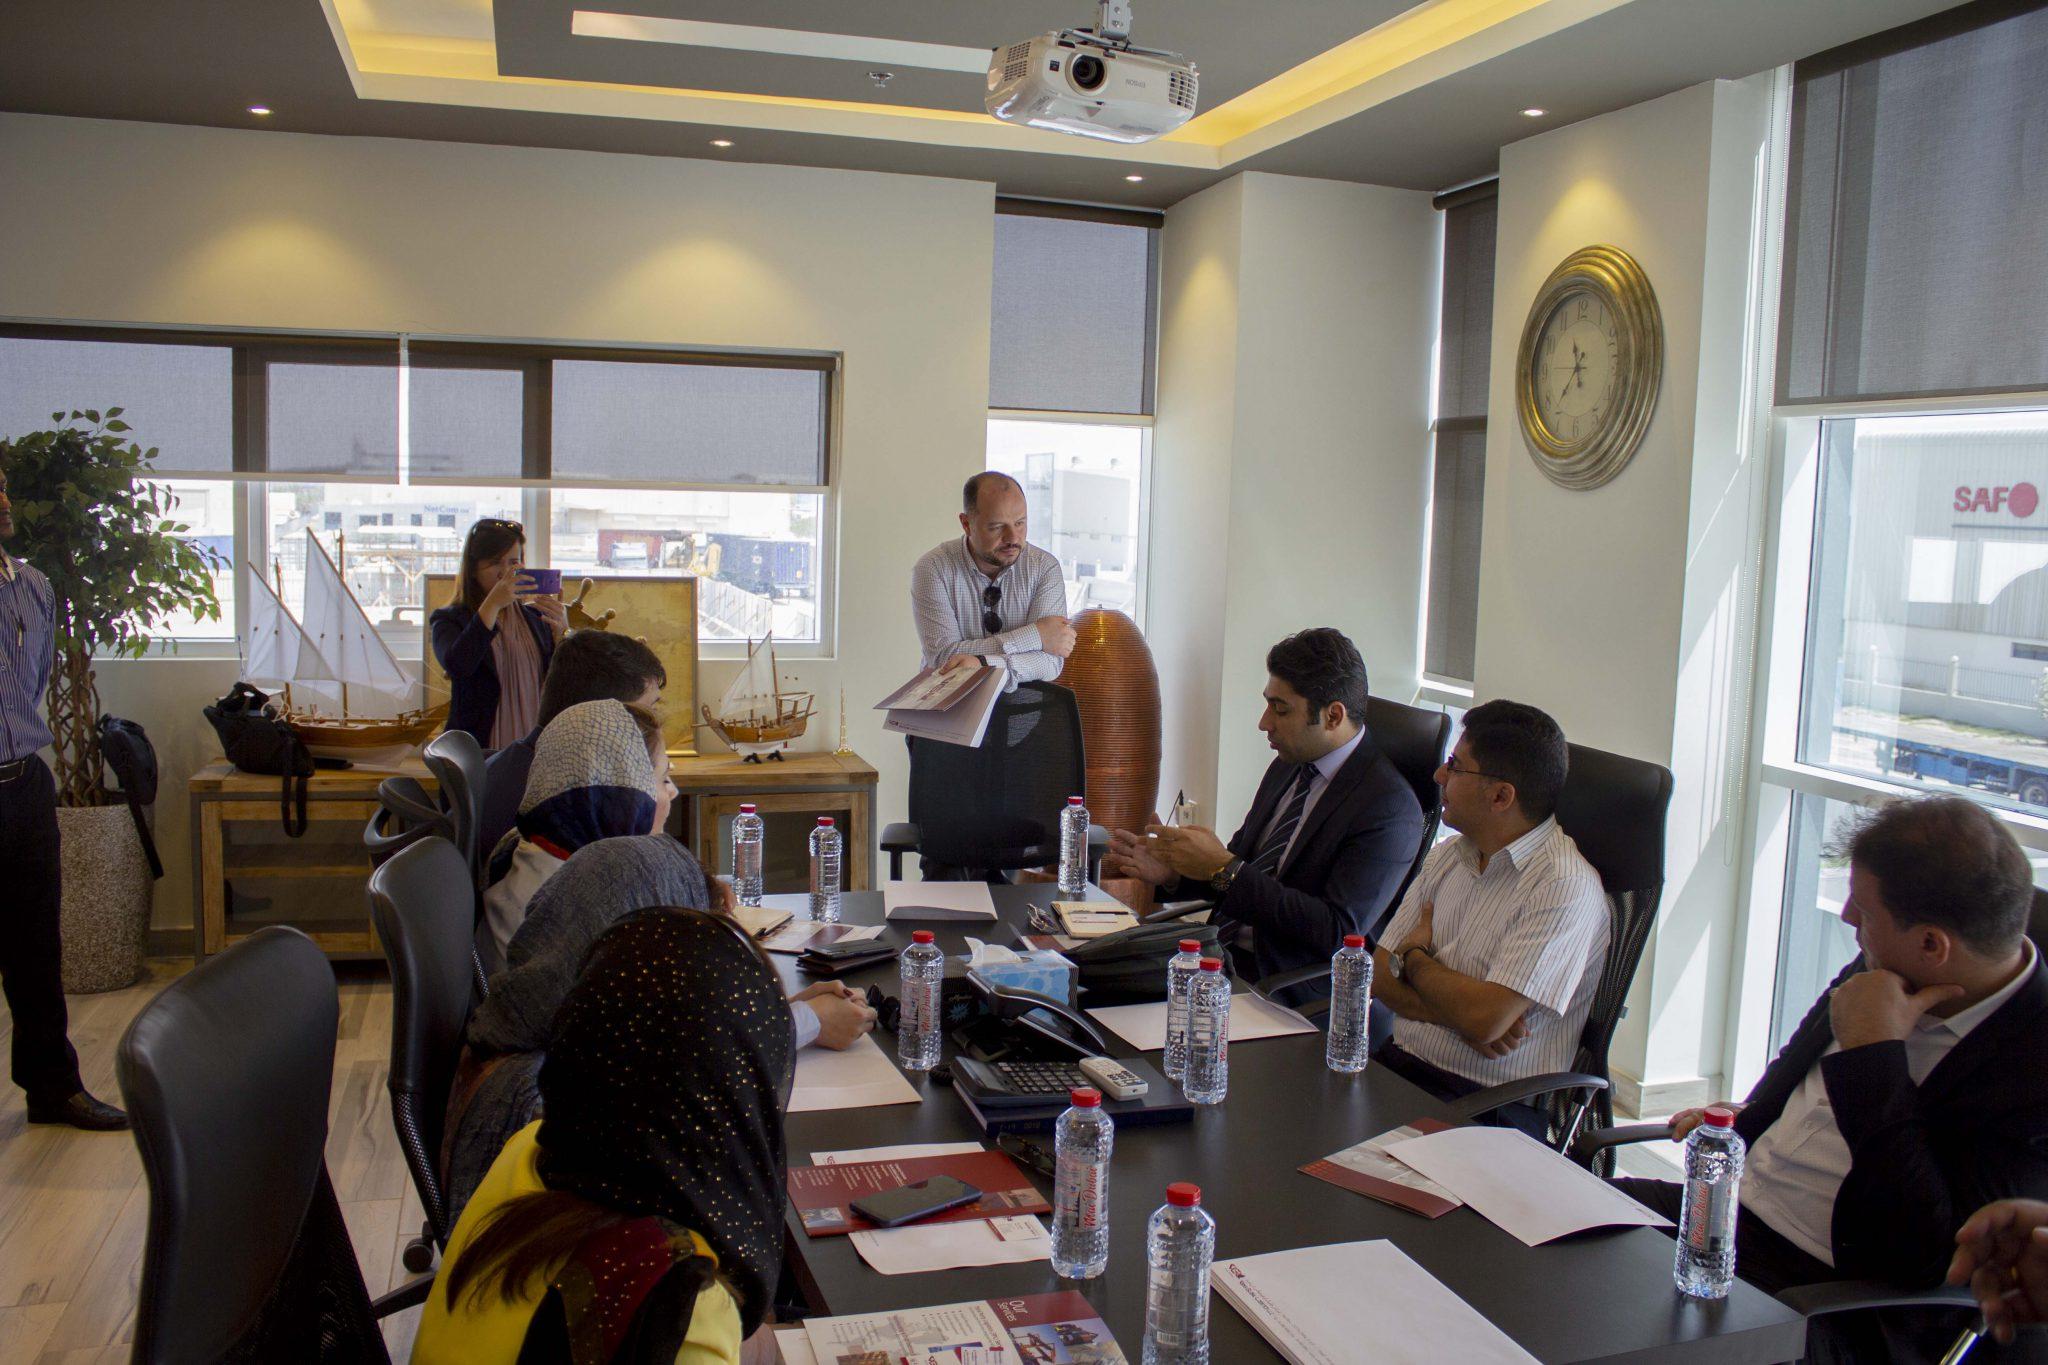 بازدید مدیر عامل گروه مکاکو در نمایشگاه صنعت برق خاورمیانه دبی Middle East Electricity 2019